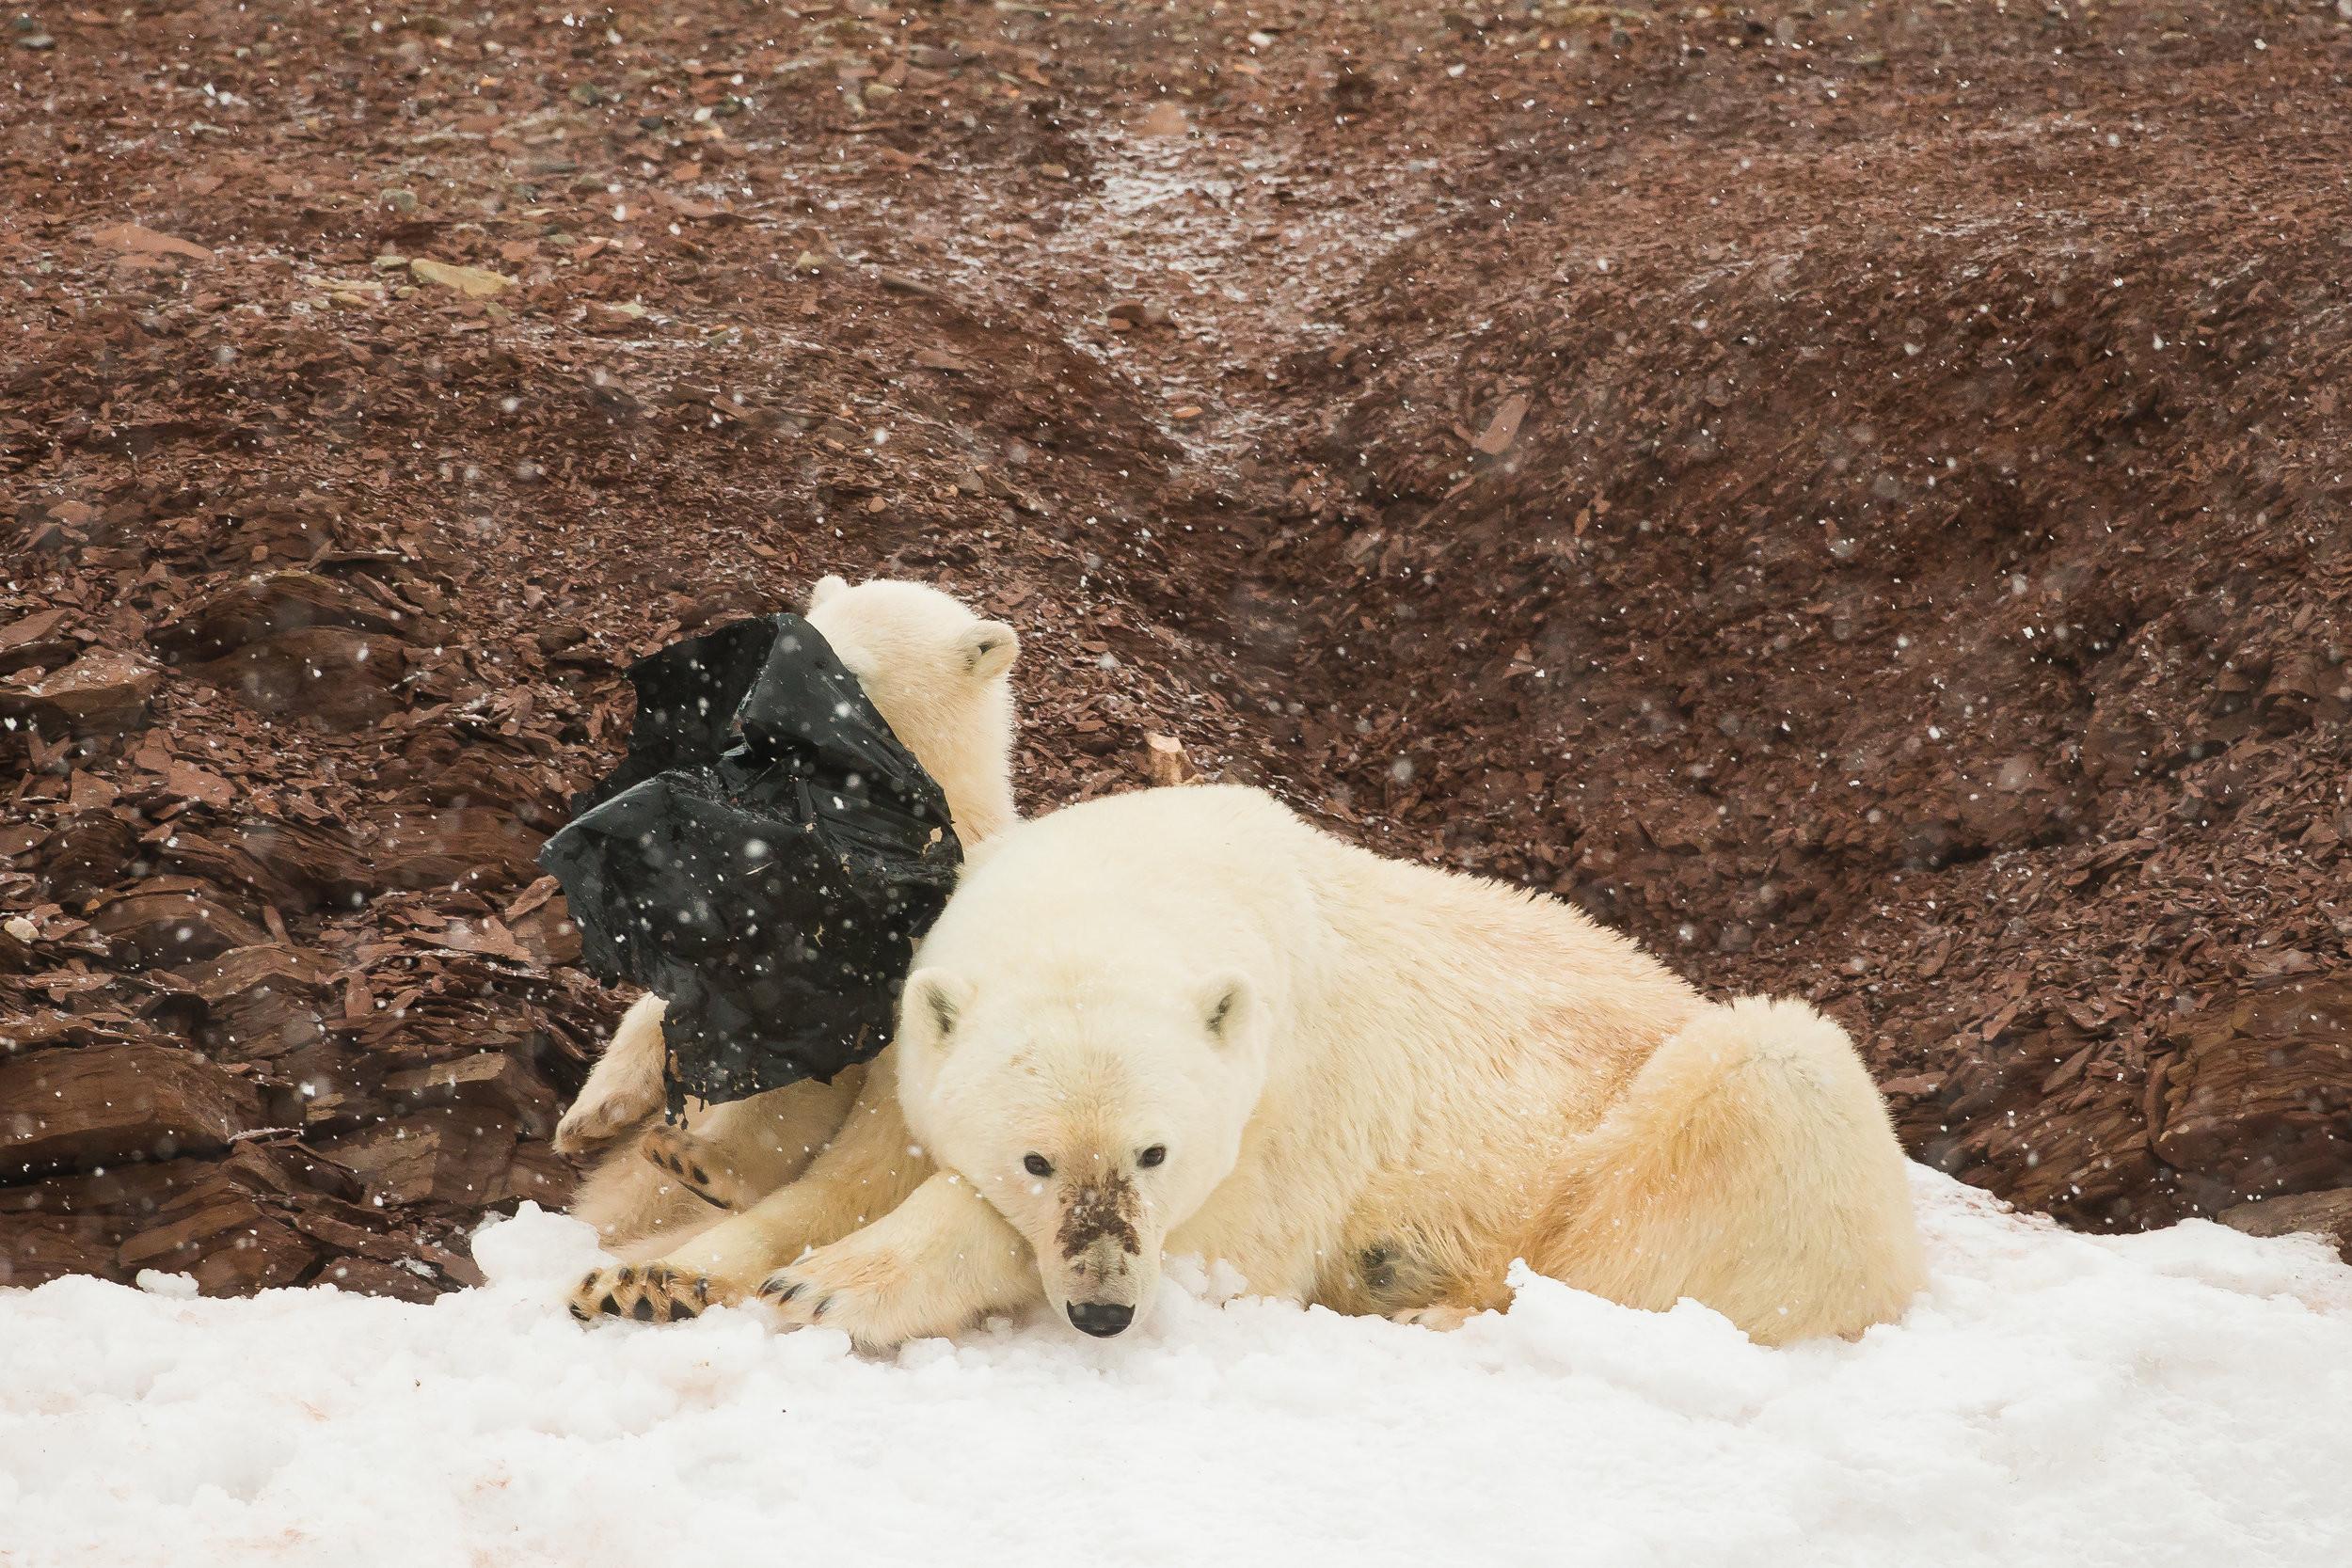 ▲▼ 挪威極北群島北極熊分食垃圾袋。(圖/翻攝自KEVIN MORGANS WILDLIFE PHOTOGRAPHY)